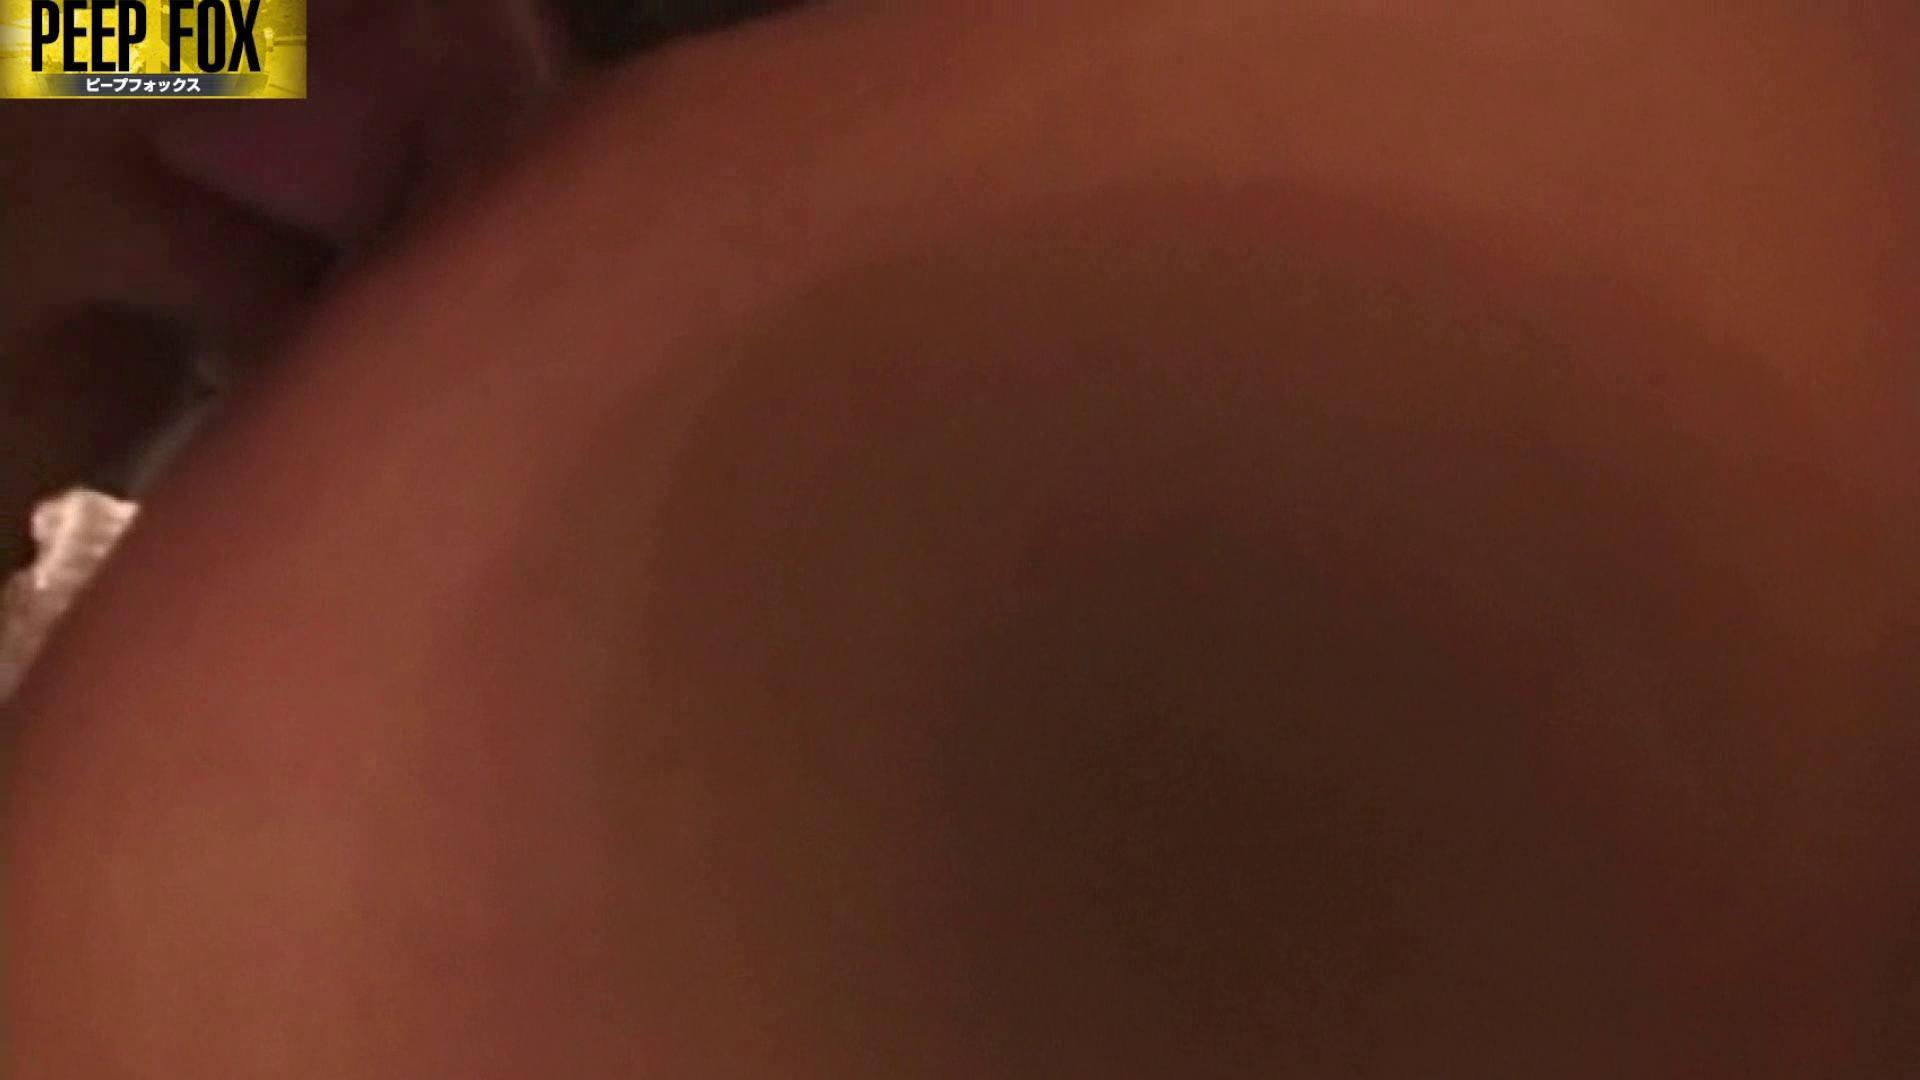 完全素人!!訳アリ娘のラブライフ♪vol.19前編 電マ AV動画キャプチャ 89PIX 64